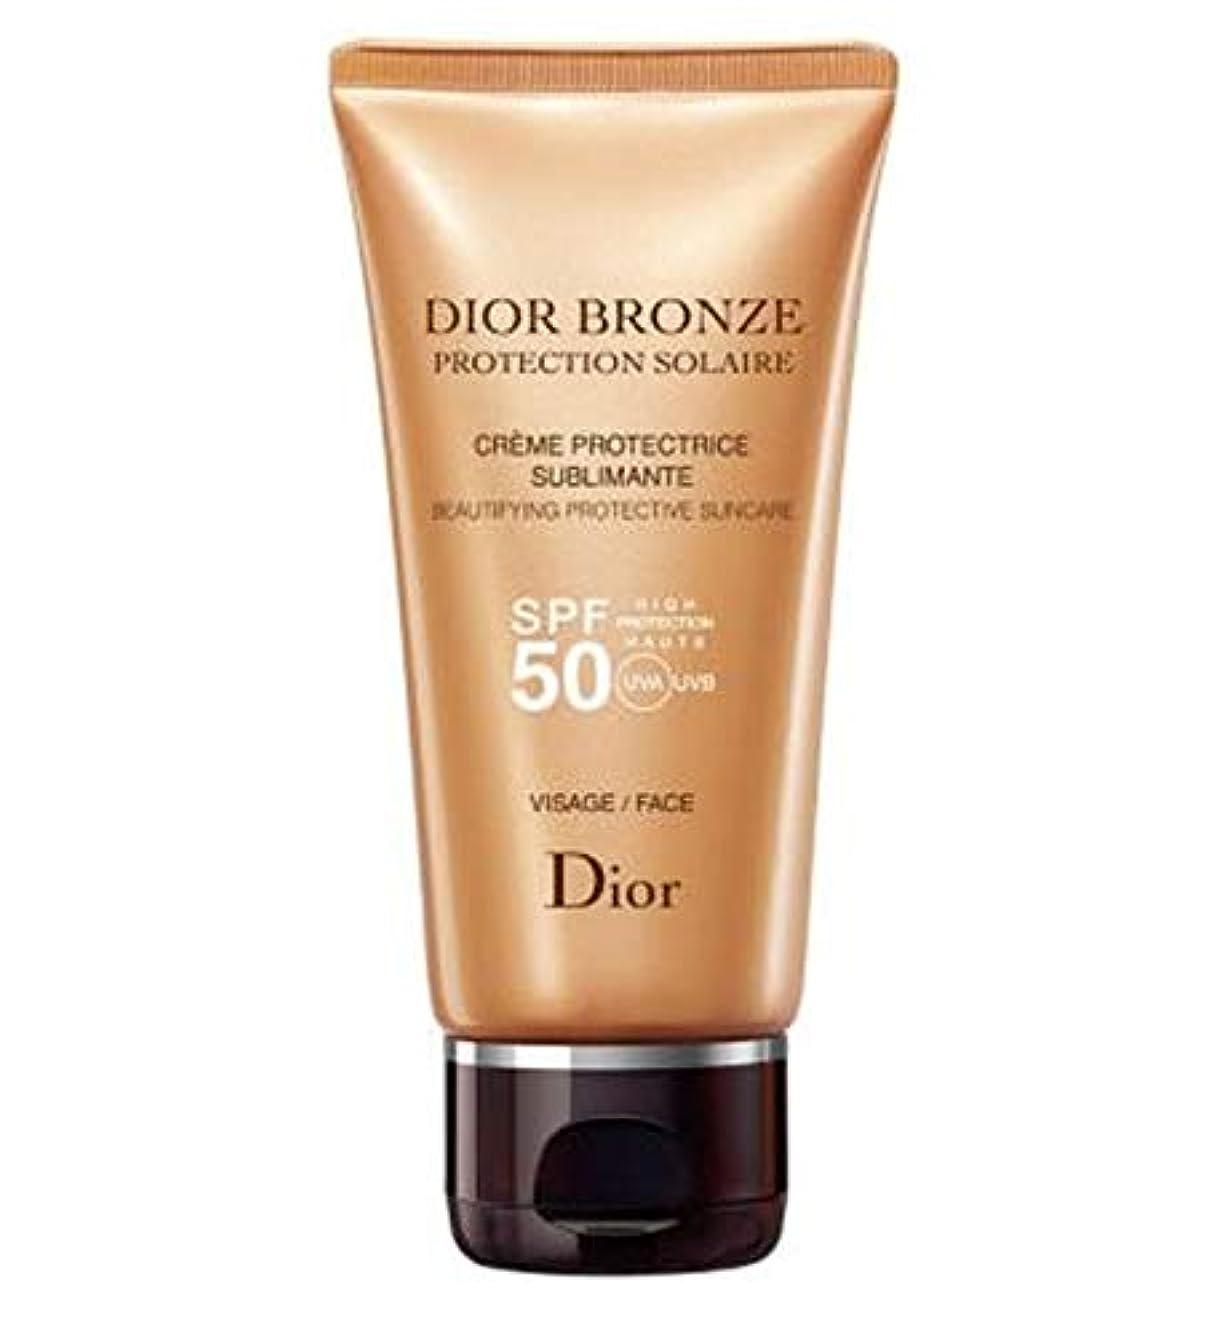 ブルーベル定期的にモールス信号[Dior] ディオールブロンズ日の保護高い保護クリームSpf50顔 - 50ミリリットル - Dior Bronze Sun Protection High Protection Cream Spf50 Face -...